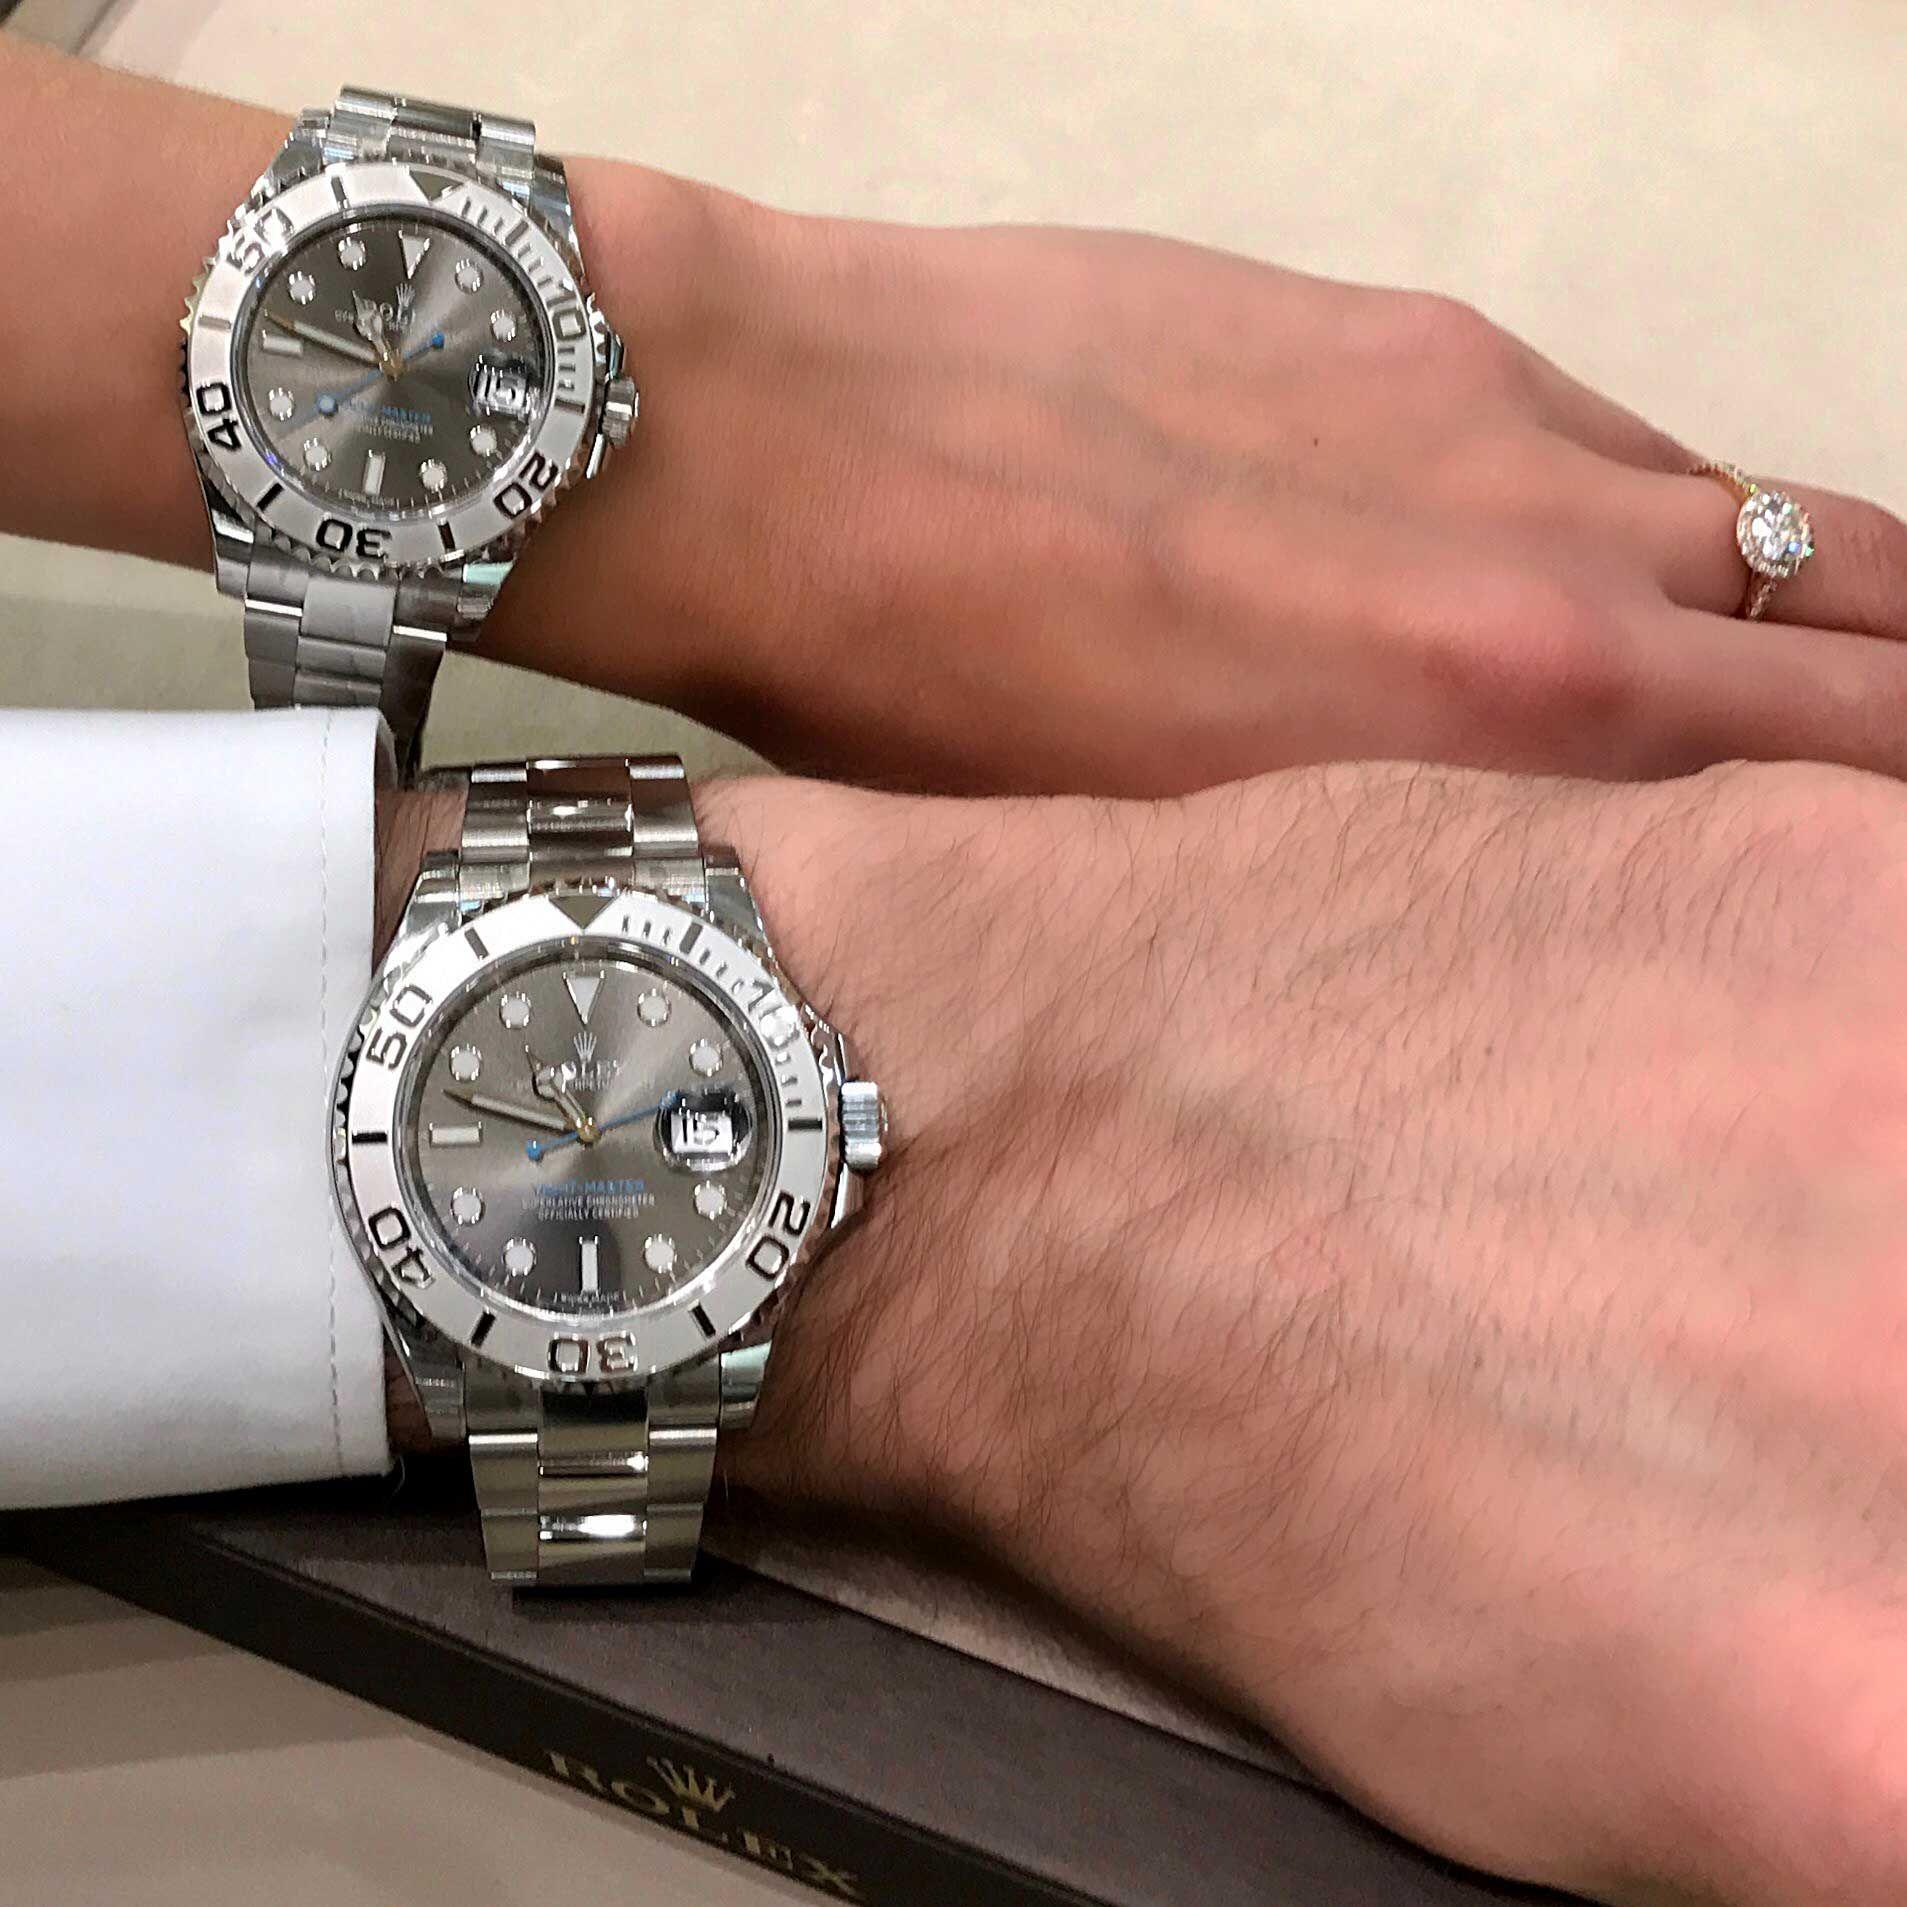 8f8e989875 Couple whishlist - Montres Rolex Oyster Perpetual Yacht-Master en 37 et 40  mm. Boîtes et bracelets en acier avec lunettes en platine.